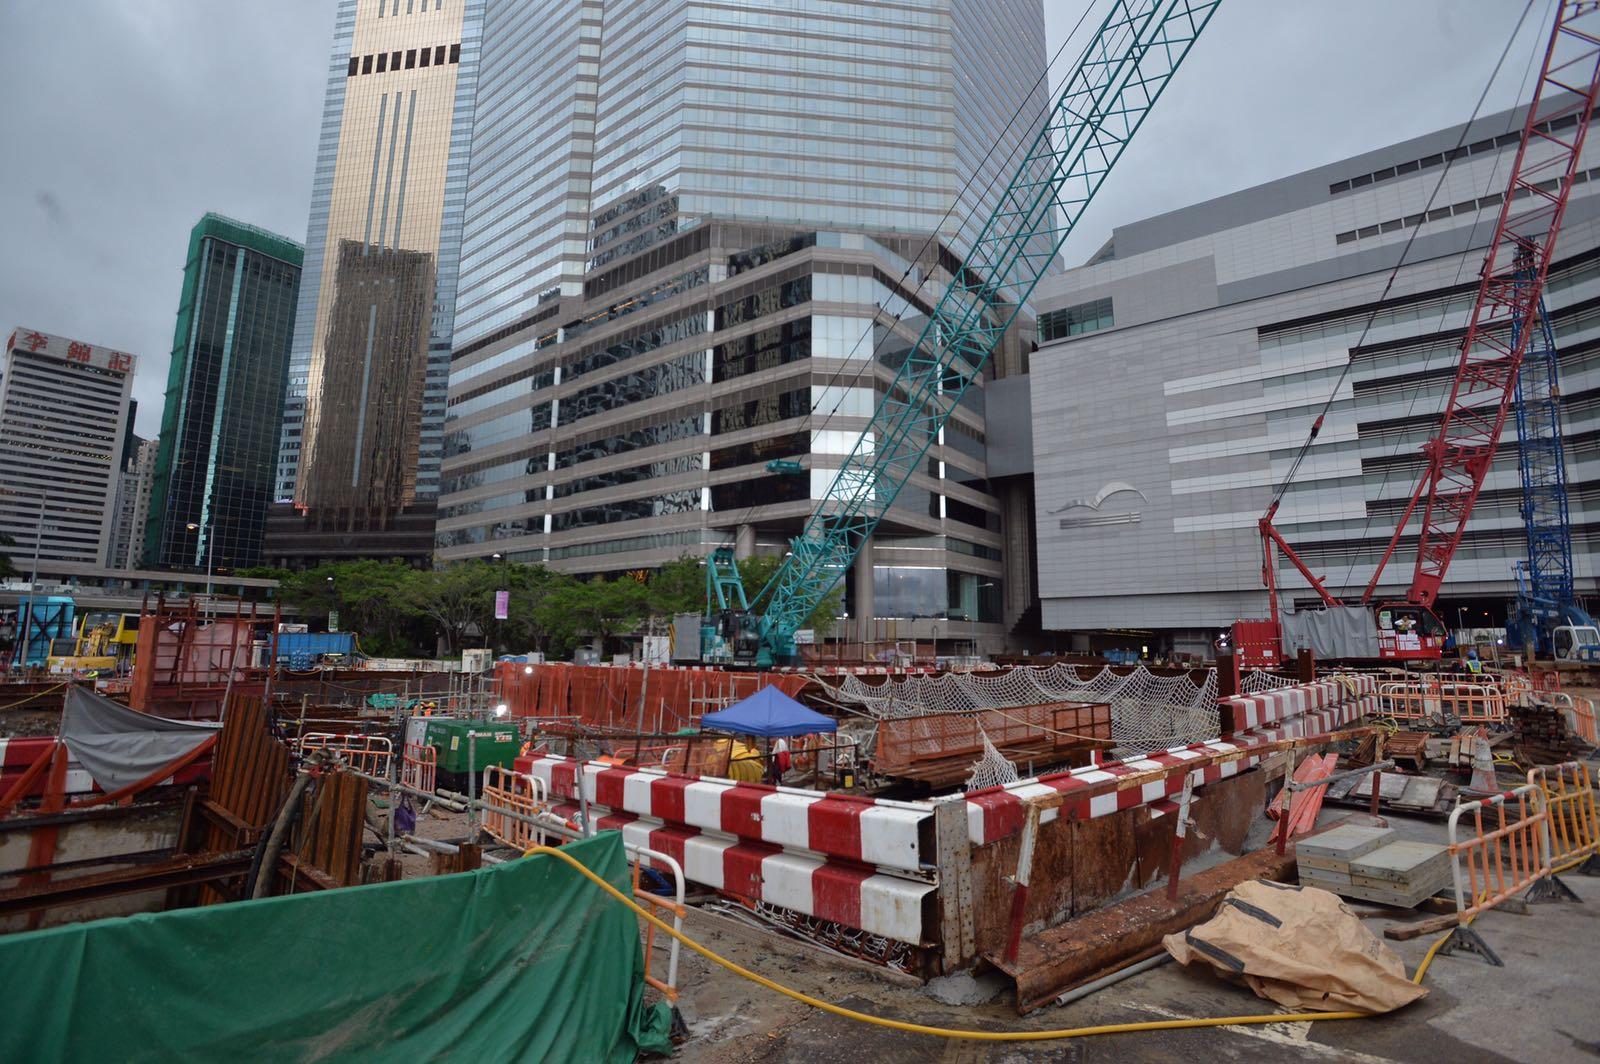 港鐵宣布暫停會展站相關所有挖掘工程。黃賢創攝